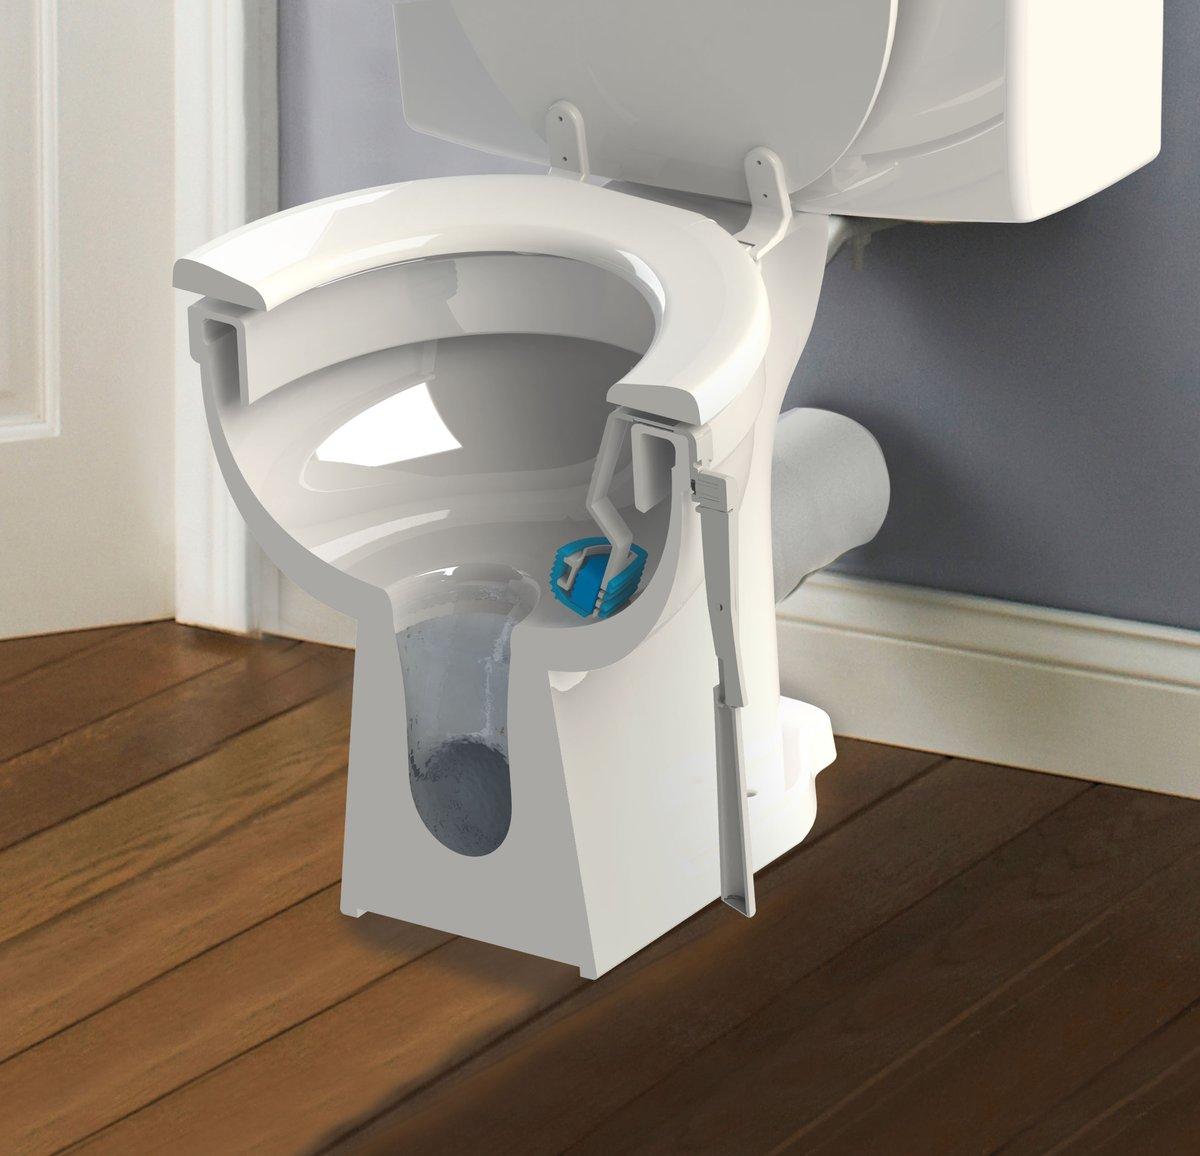 Tadpole_Toilet_Cross_Section_Life2_Aug16_600x600@2x.jpg